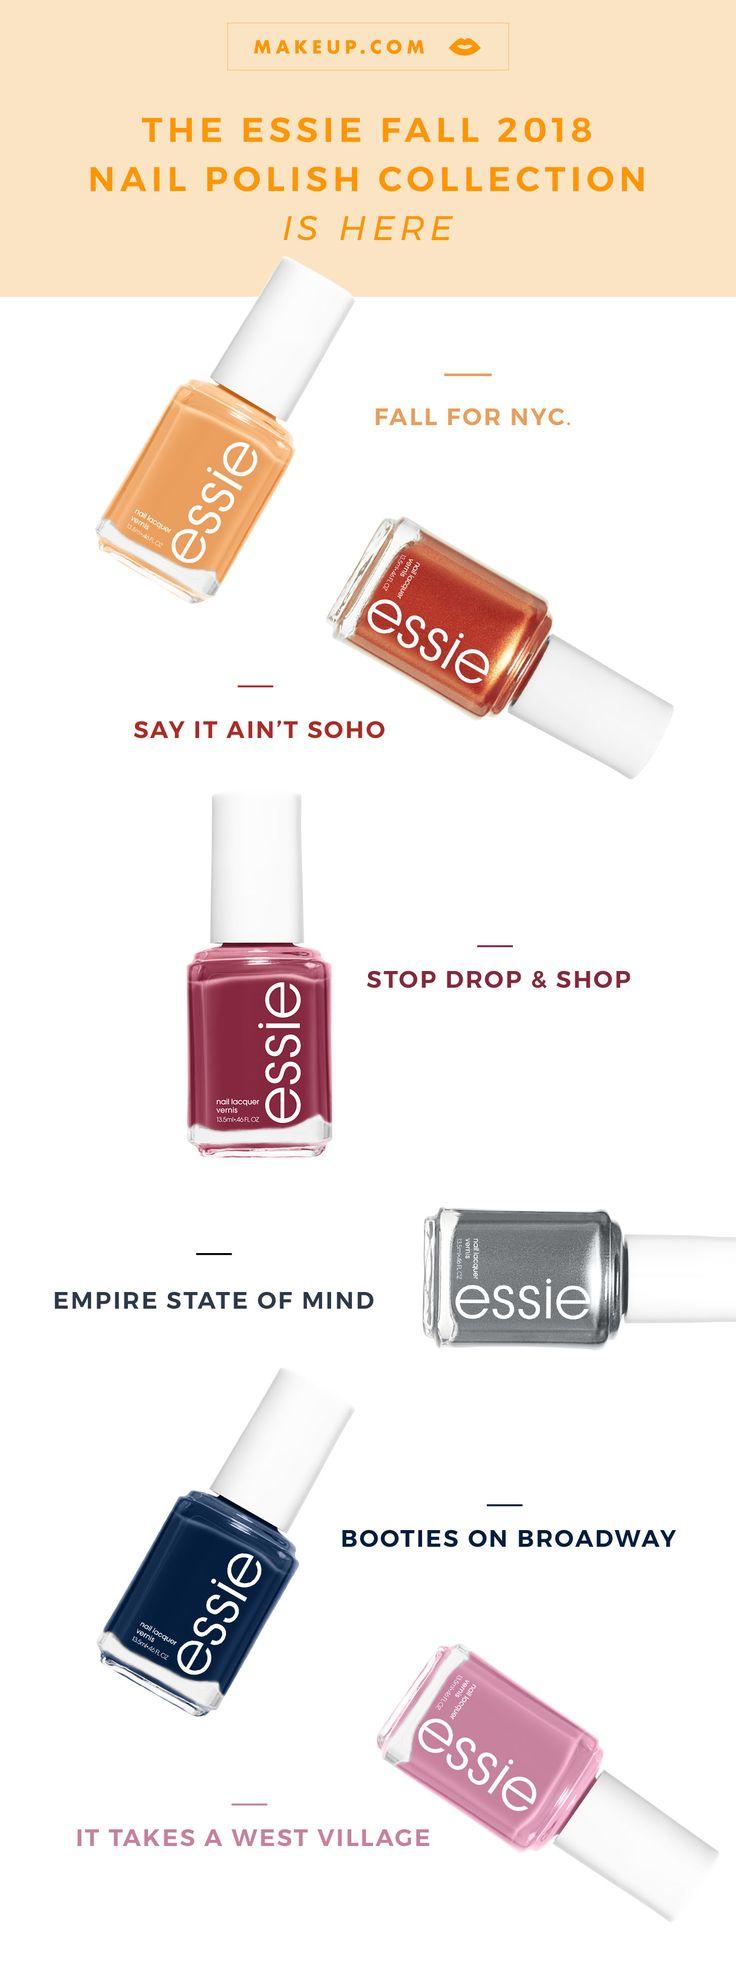 5 Essie Nagellack-Farbkombinationen für den Herbst – Nail colors